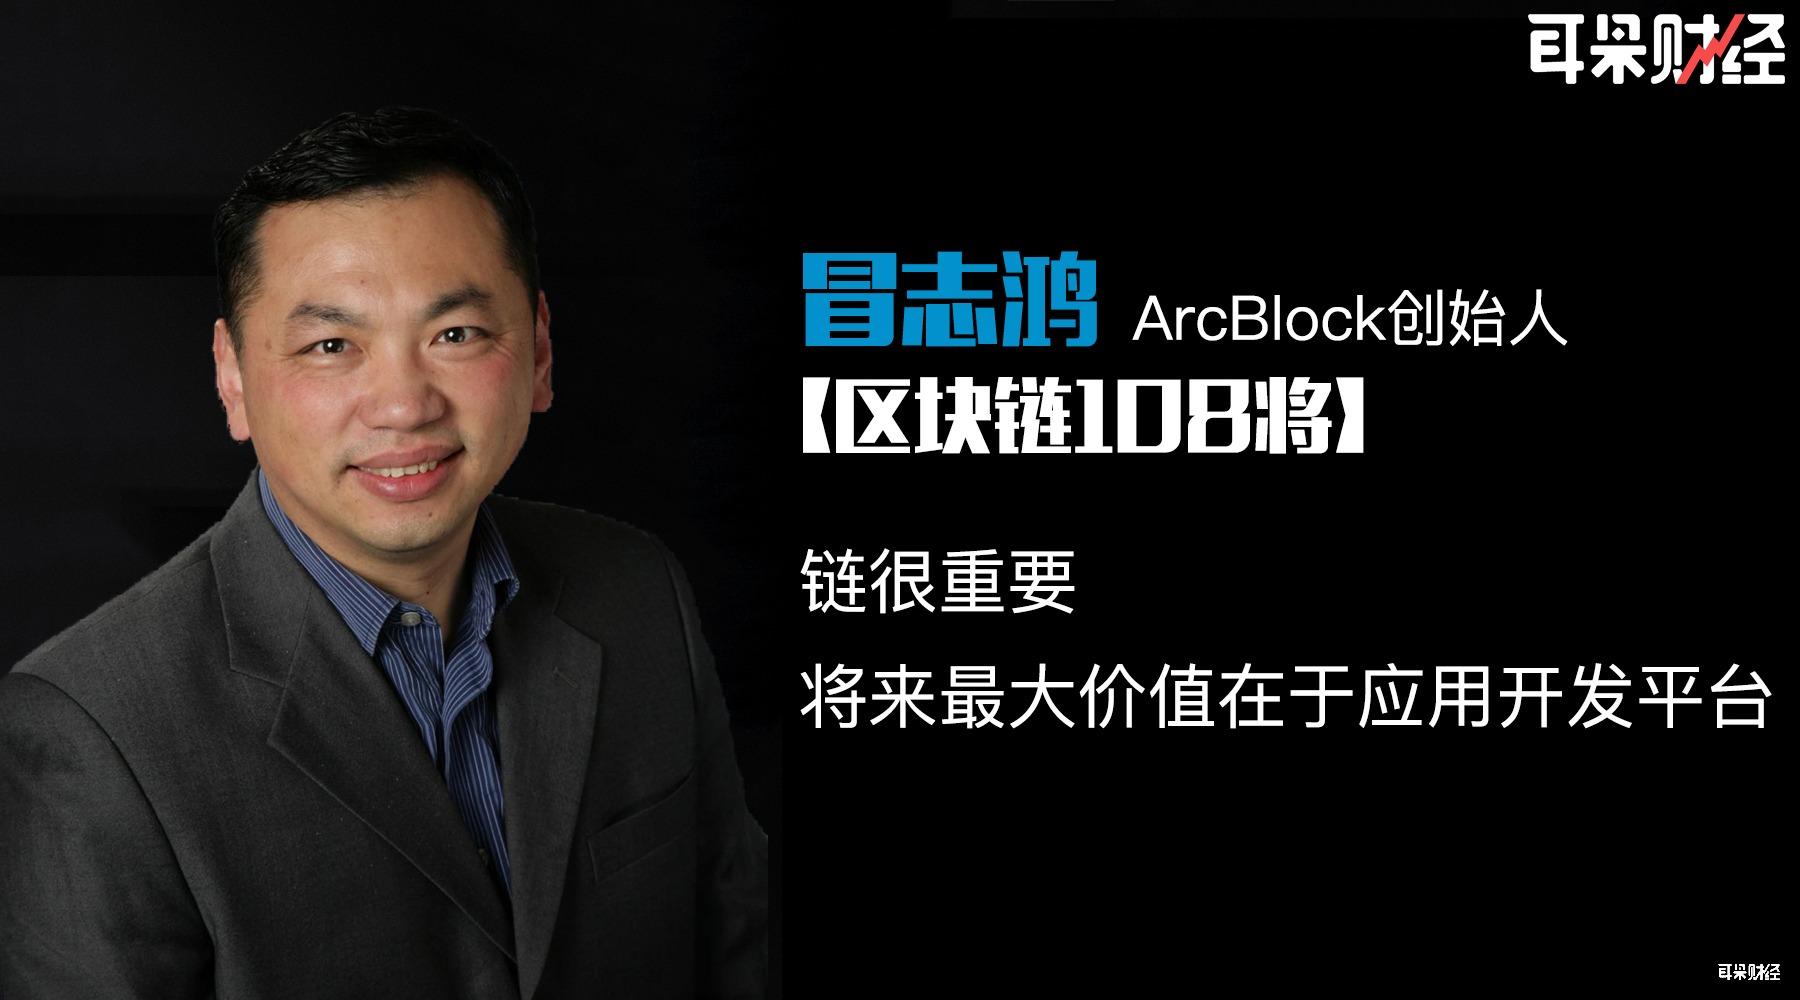 【区块链108将】对话ArcBlock冒志鸿:链很重要,但在将来最大价值在于应用的开发平台